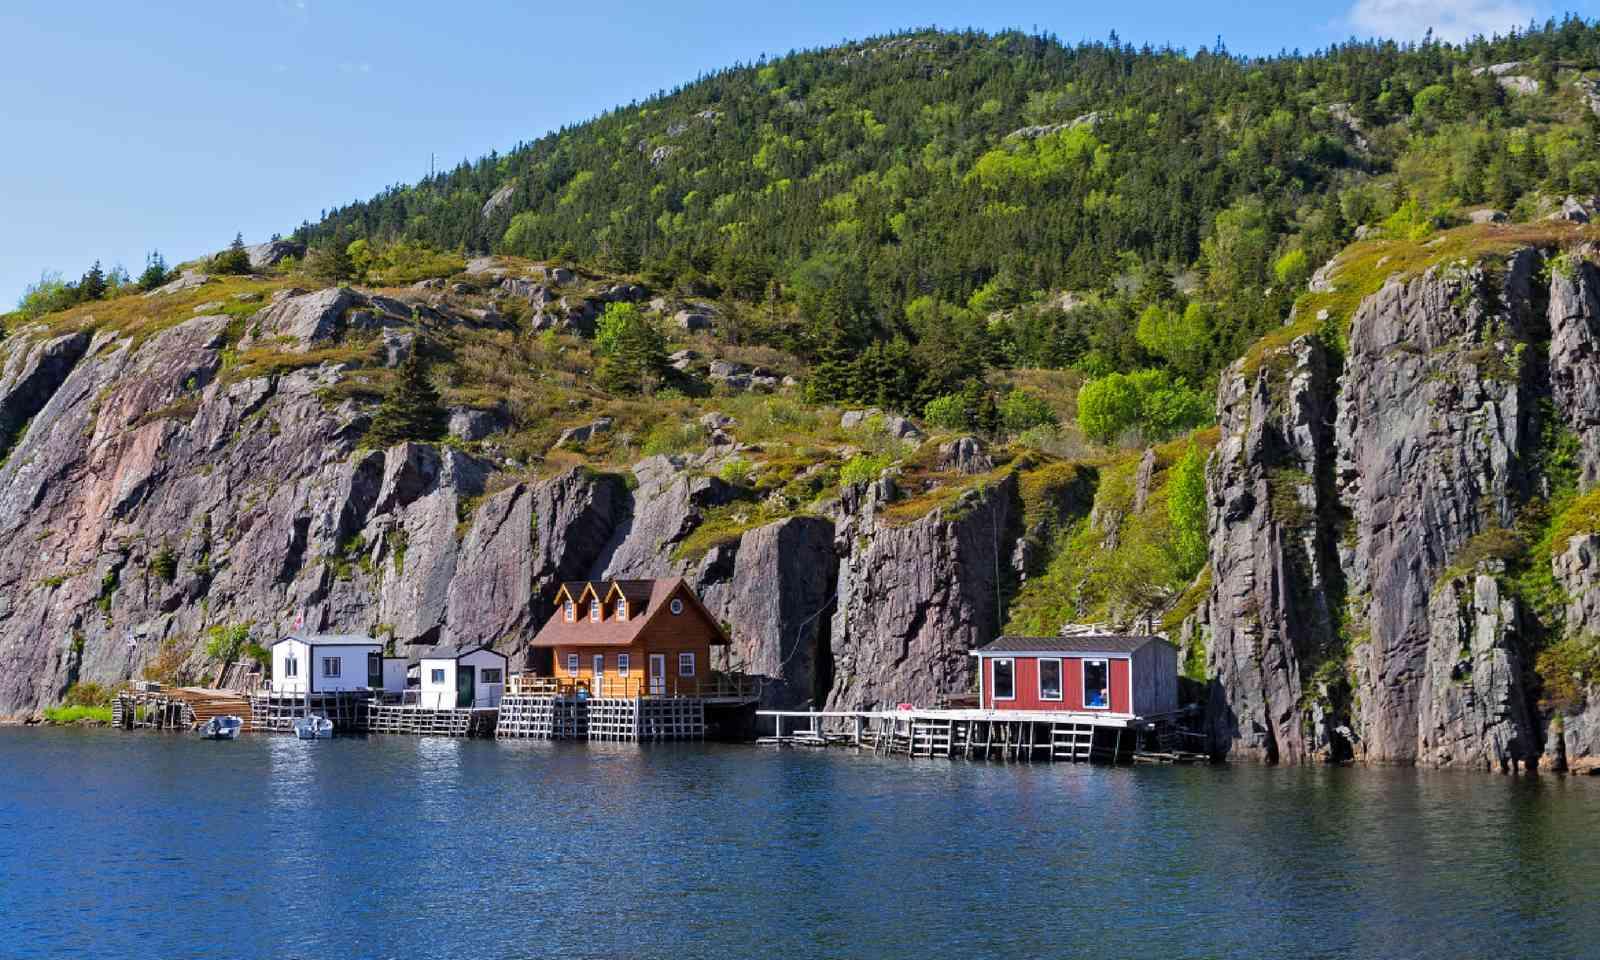 Quidi Vidi fishing villiage (Shutterstock)